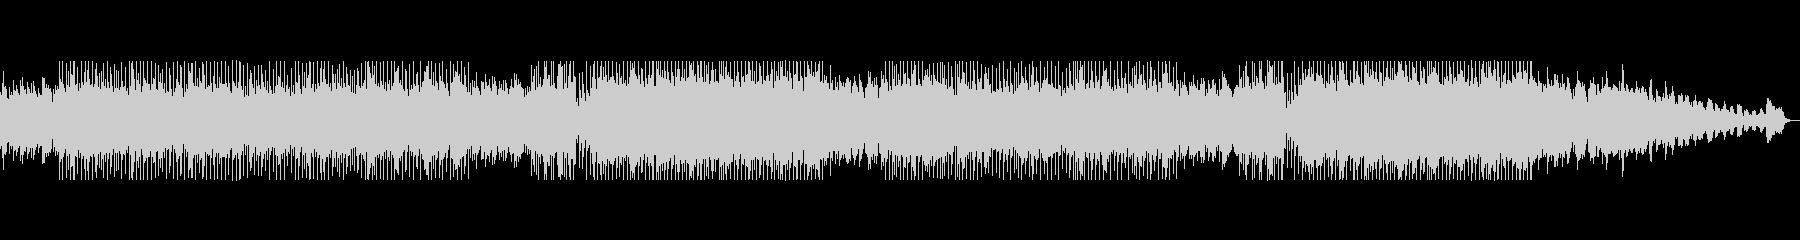 優しみアコースティックギターのBGMの未再生の波形